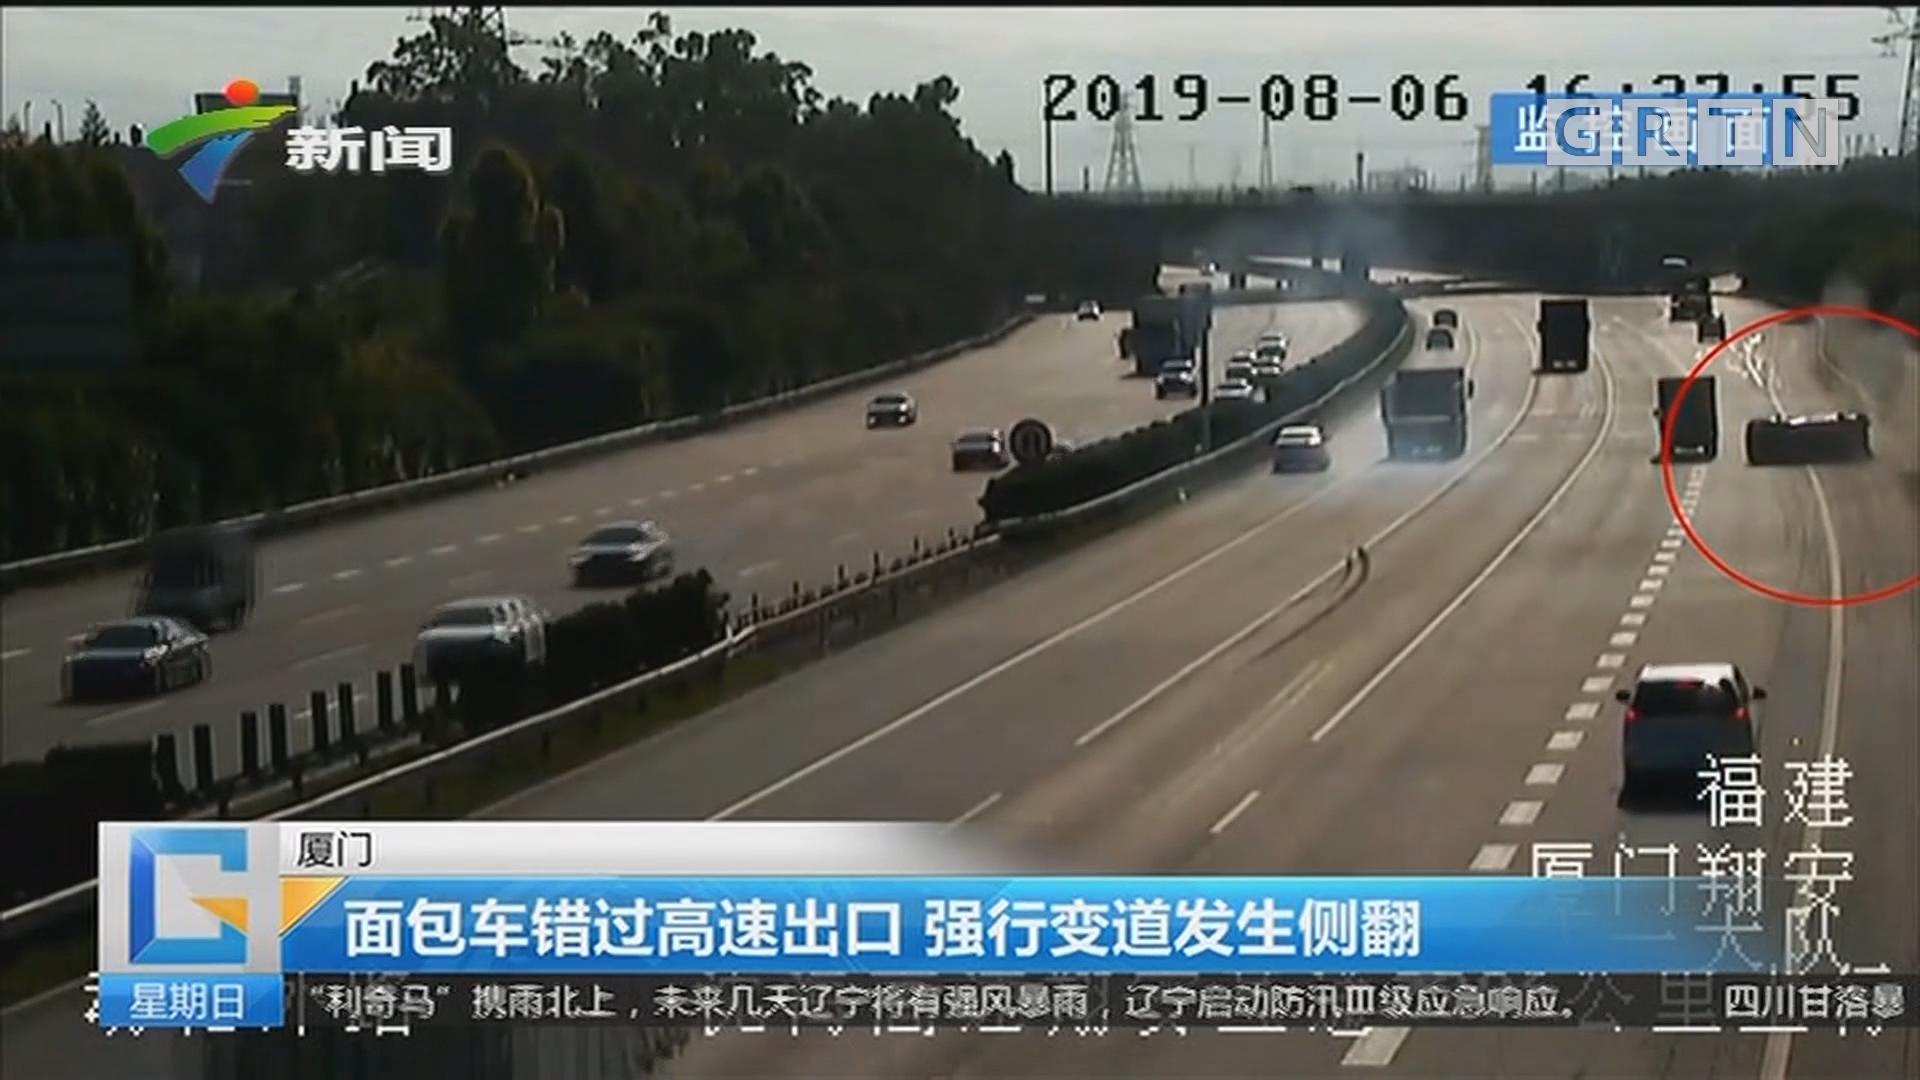 厦门:面包车错过高速出口 强行变道发生侧翻